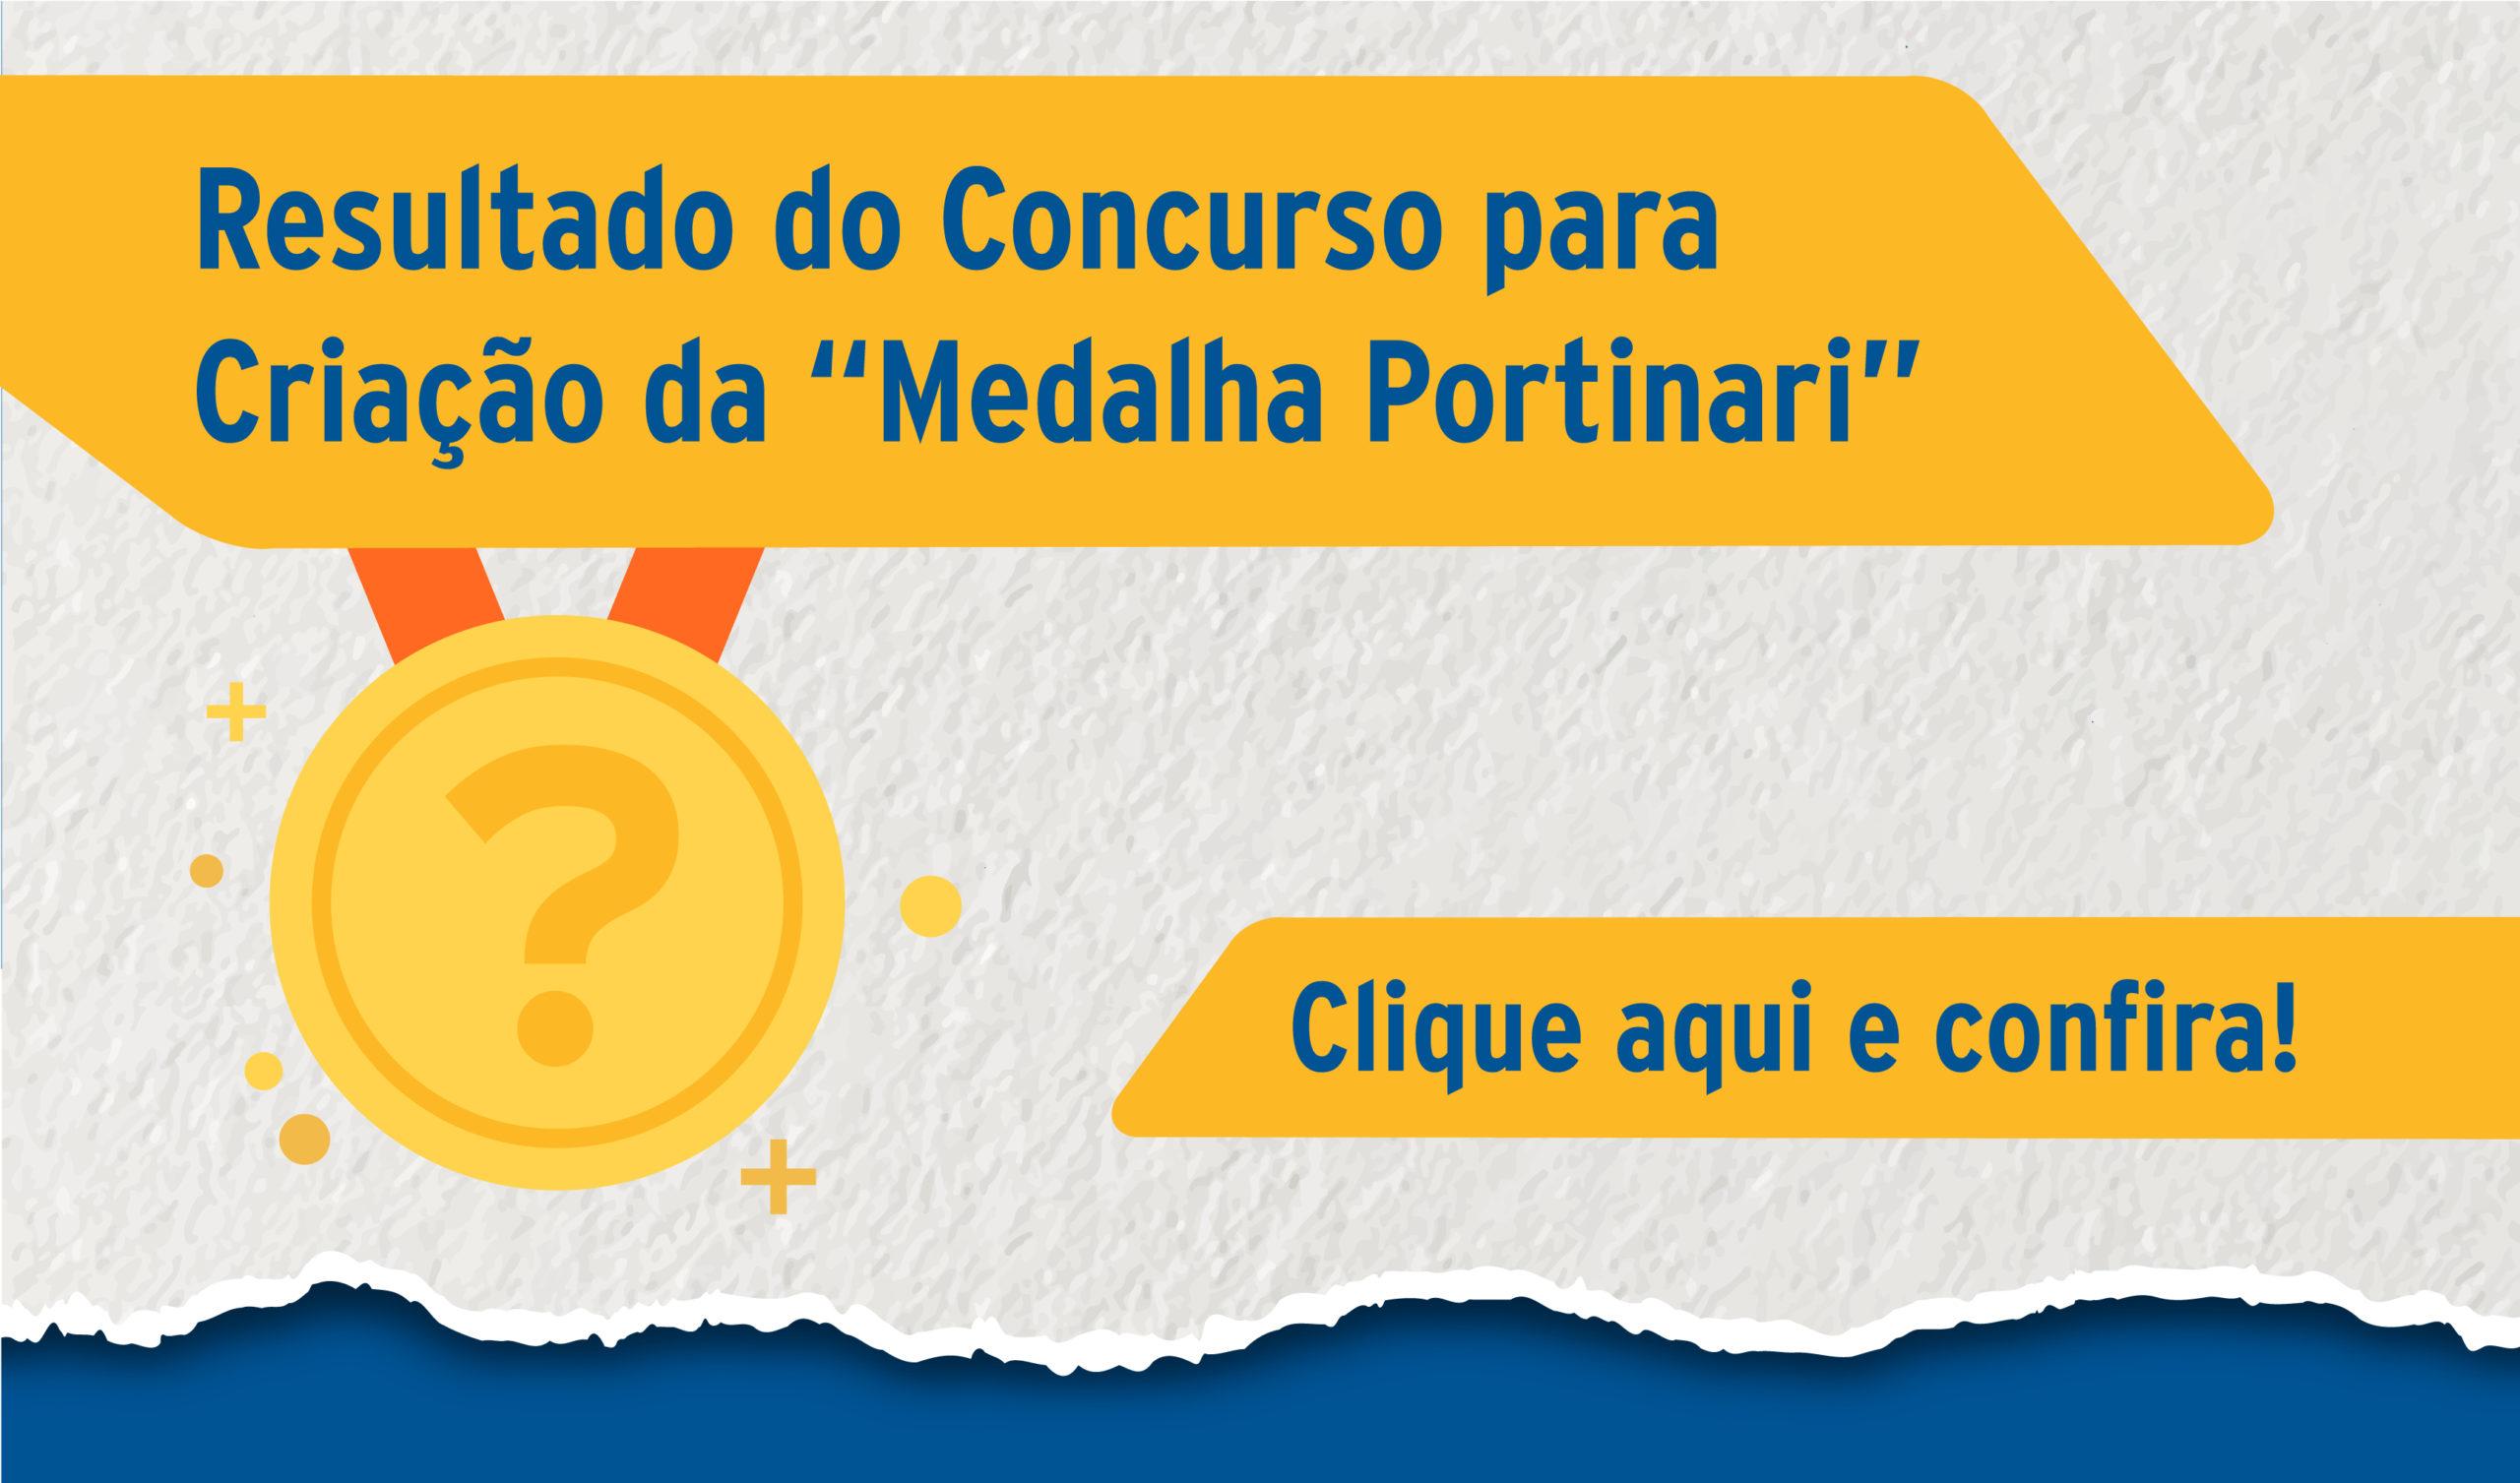 Concurso Medalha Portinari